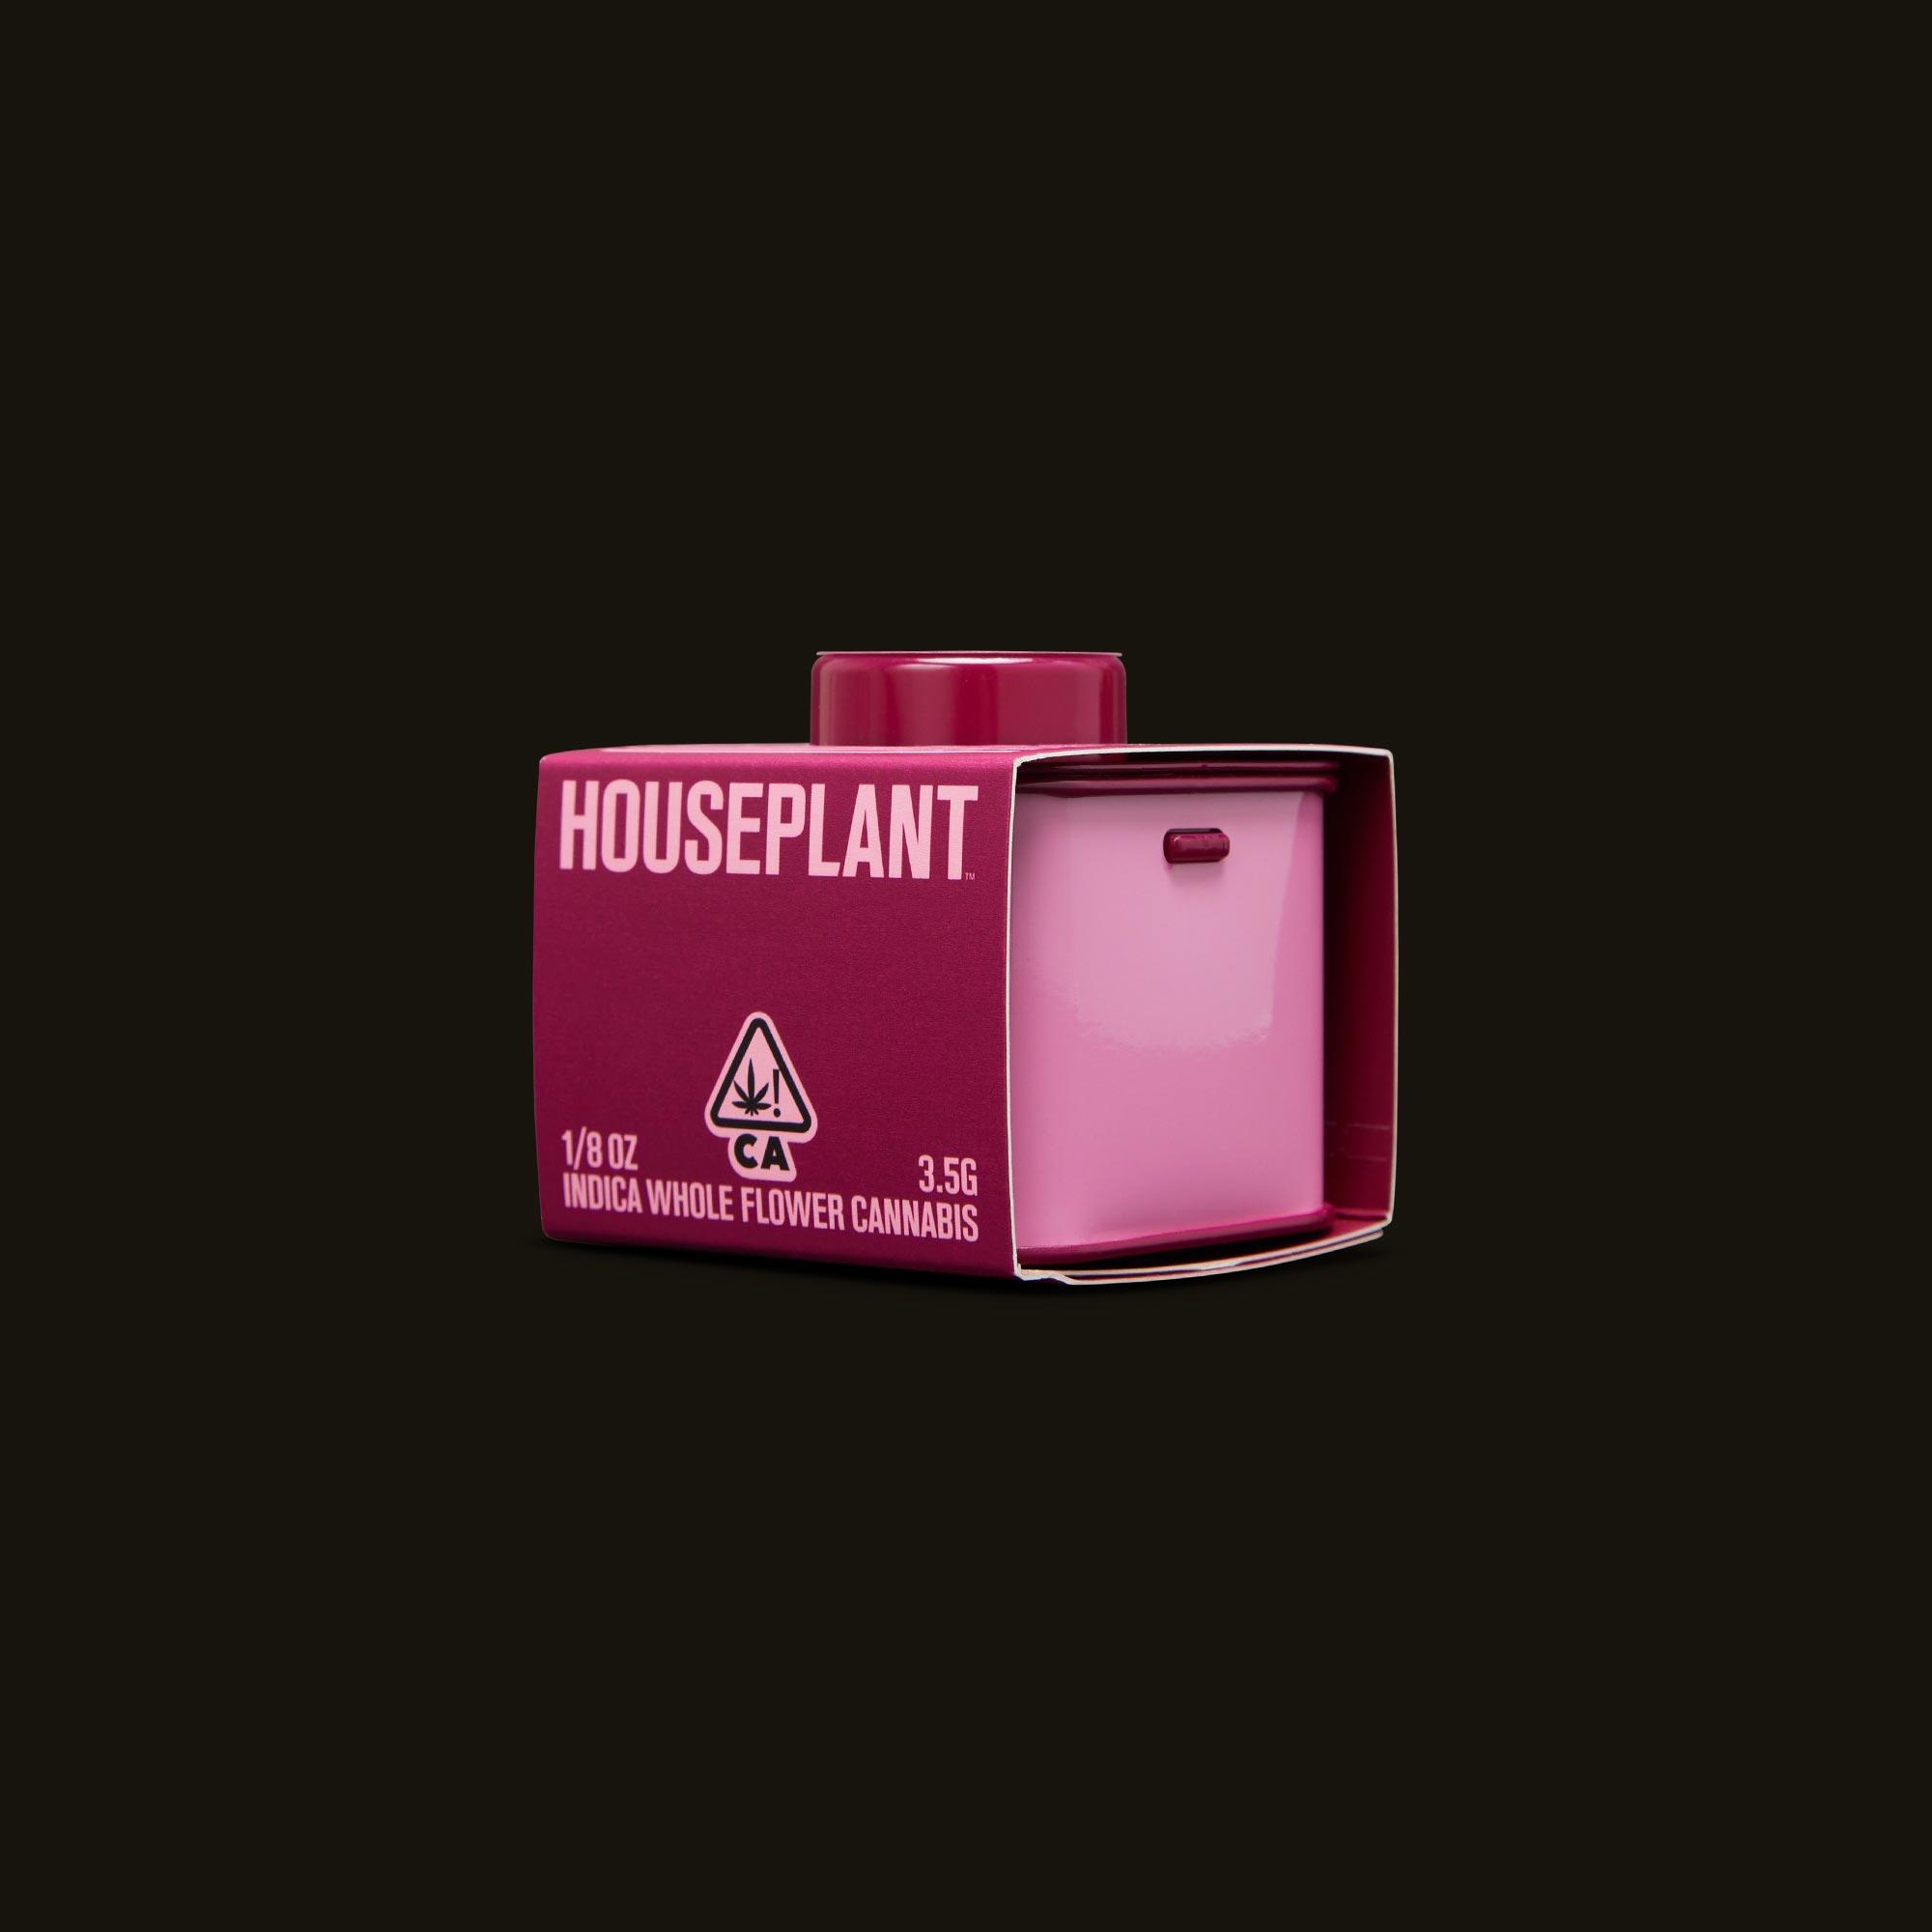 Houseplant Pink Moon Side Packaging